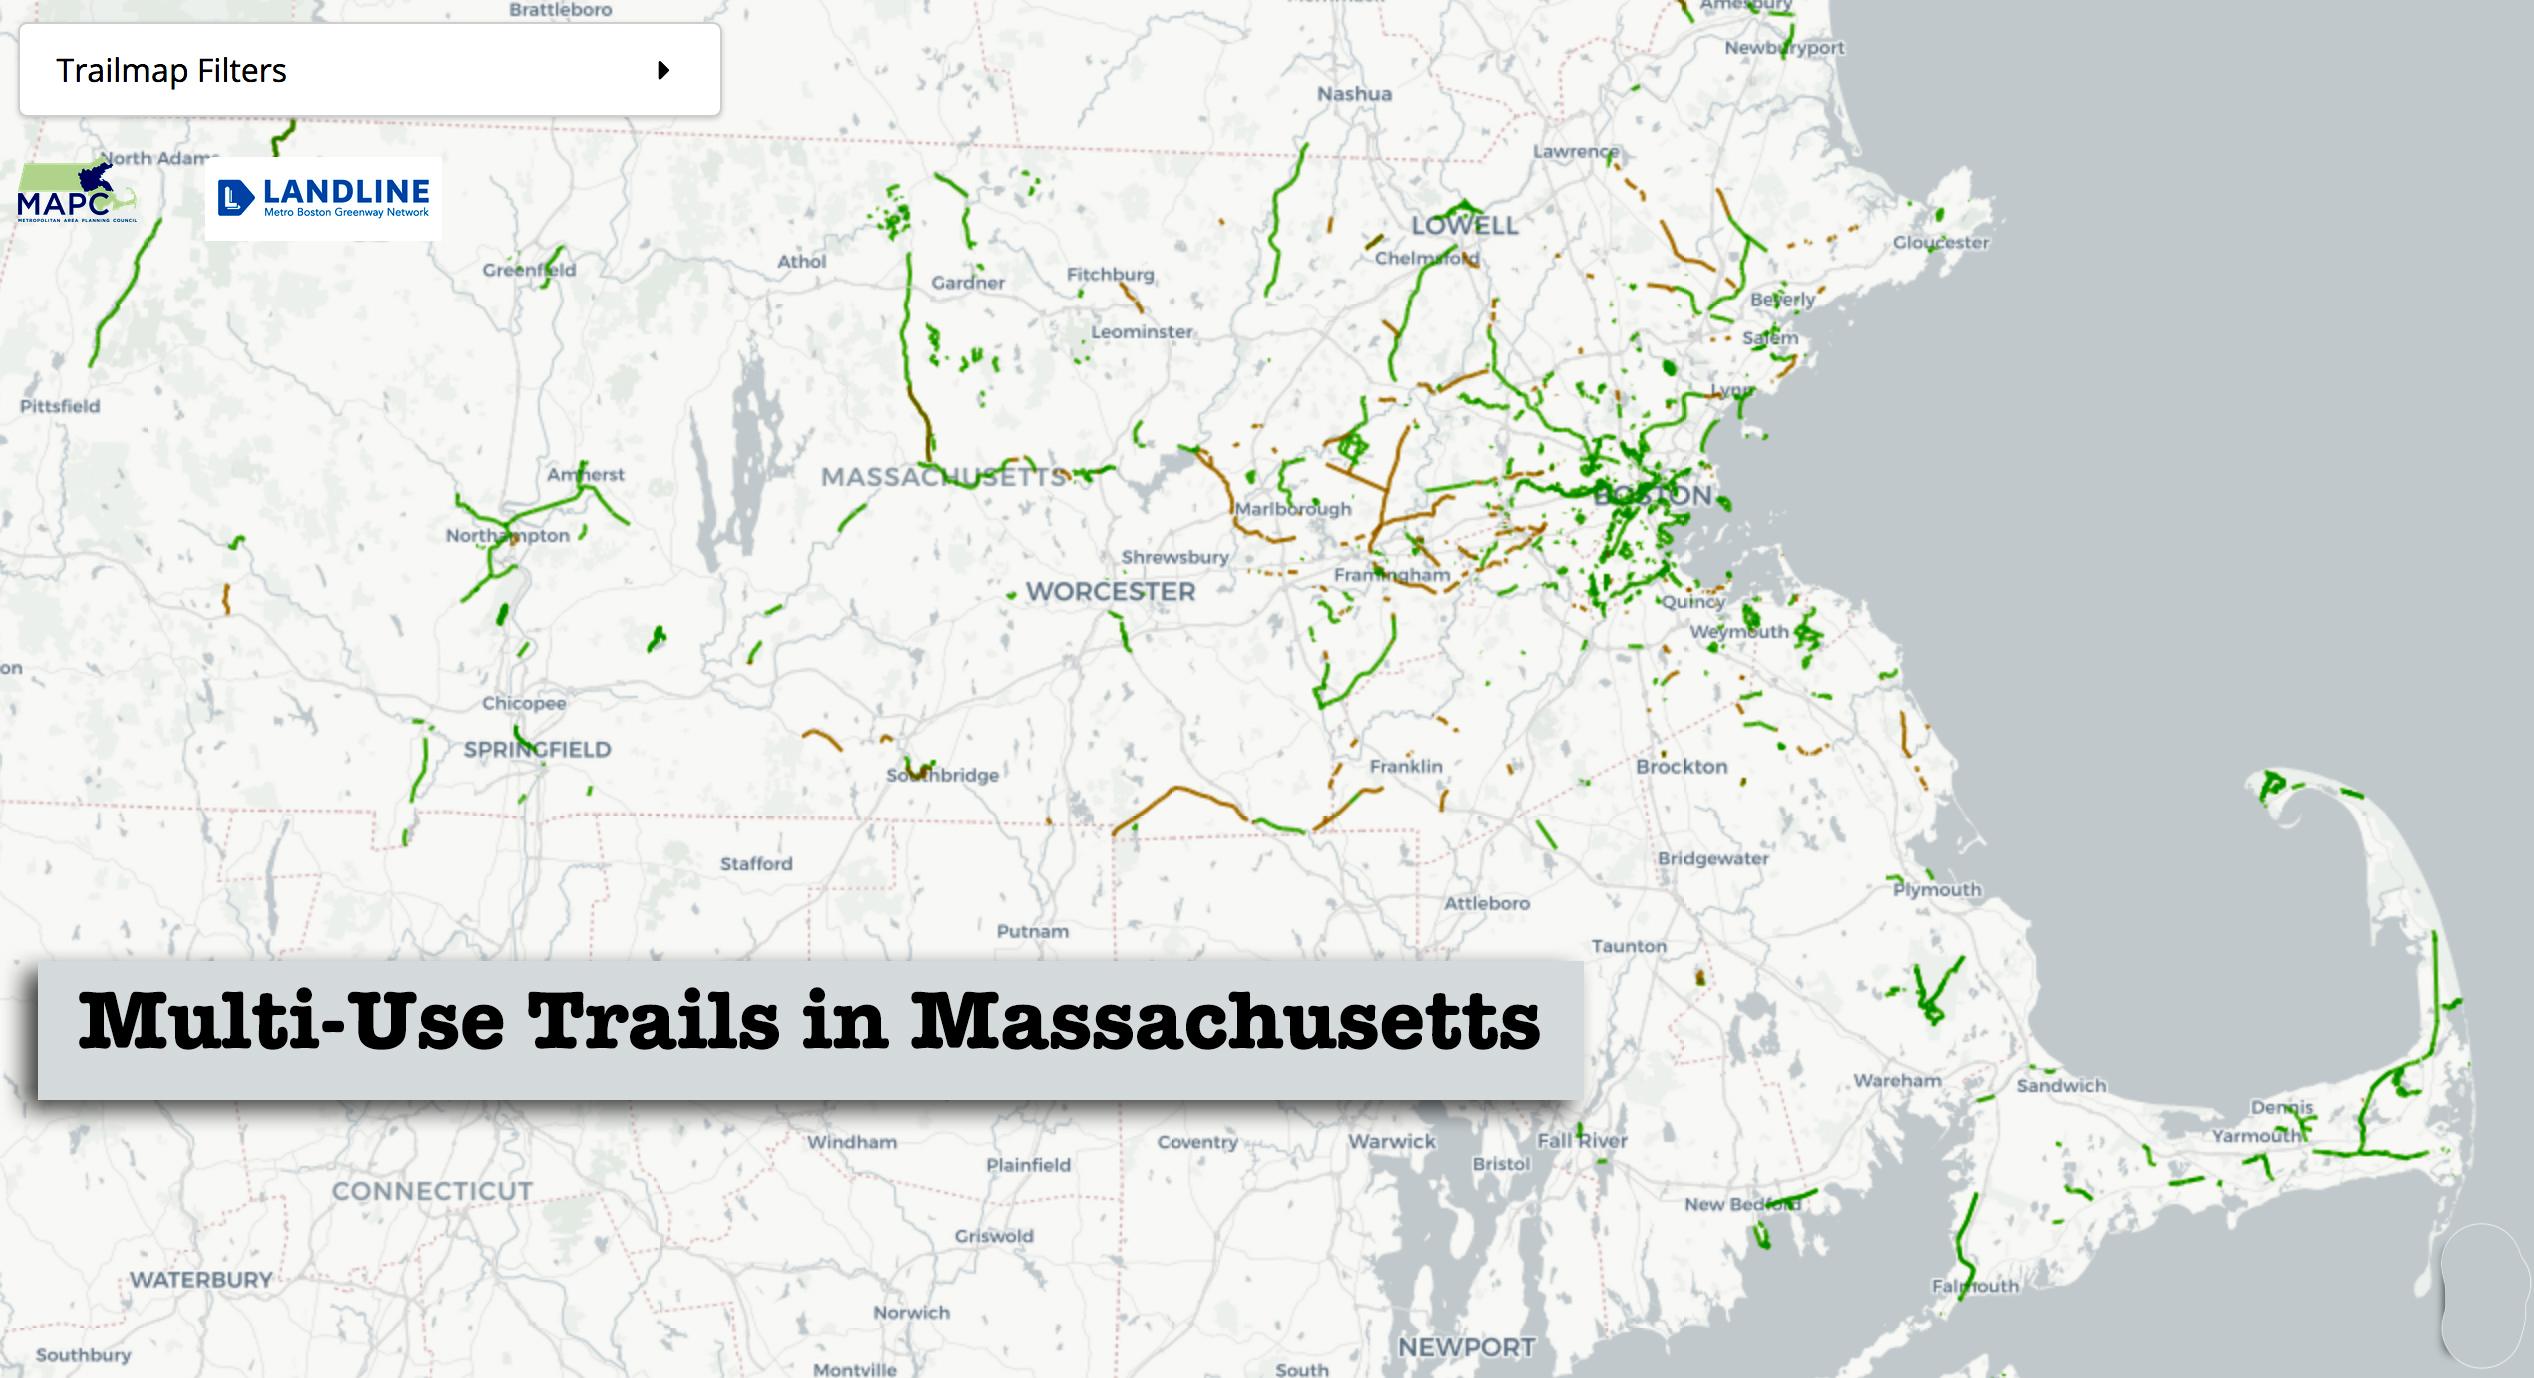 MAPC_map.jpg